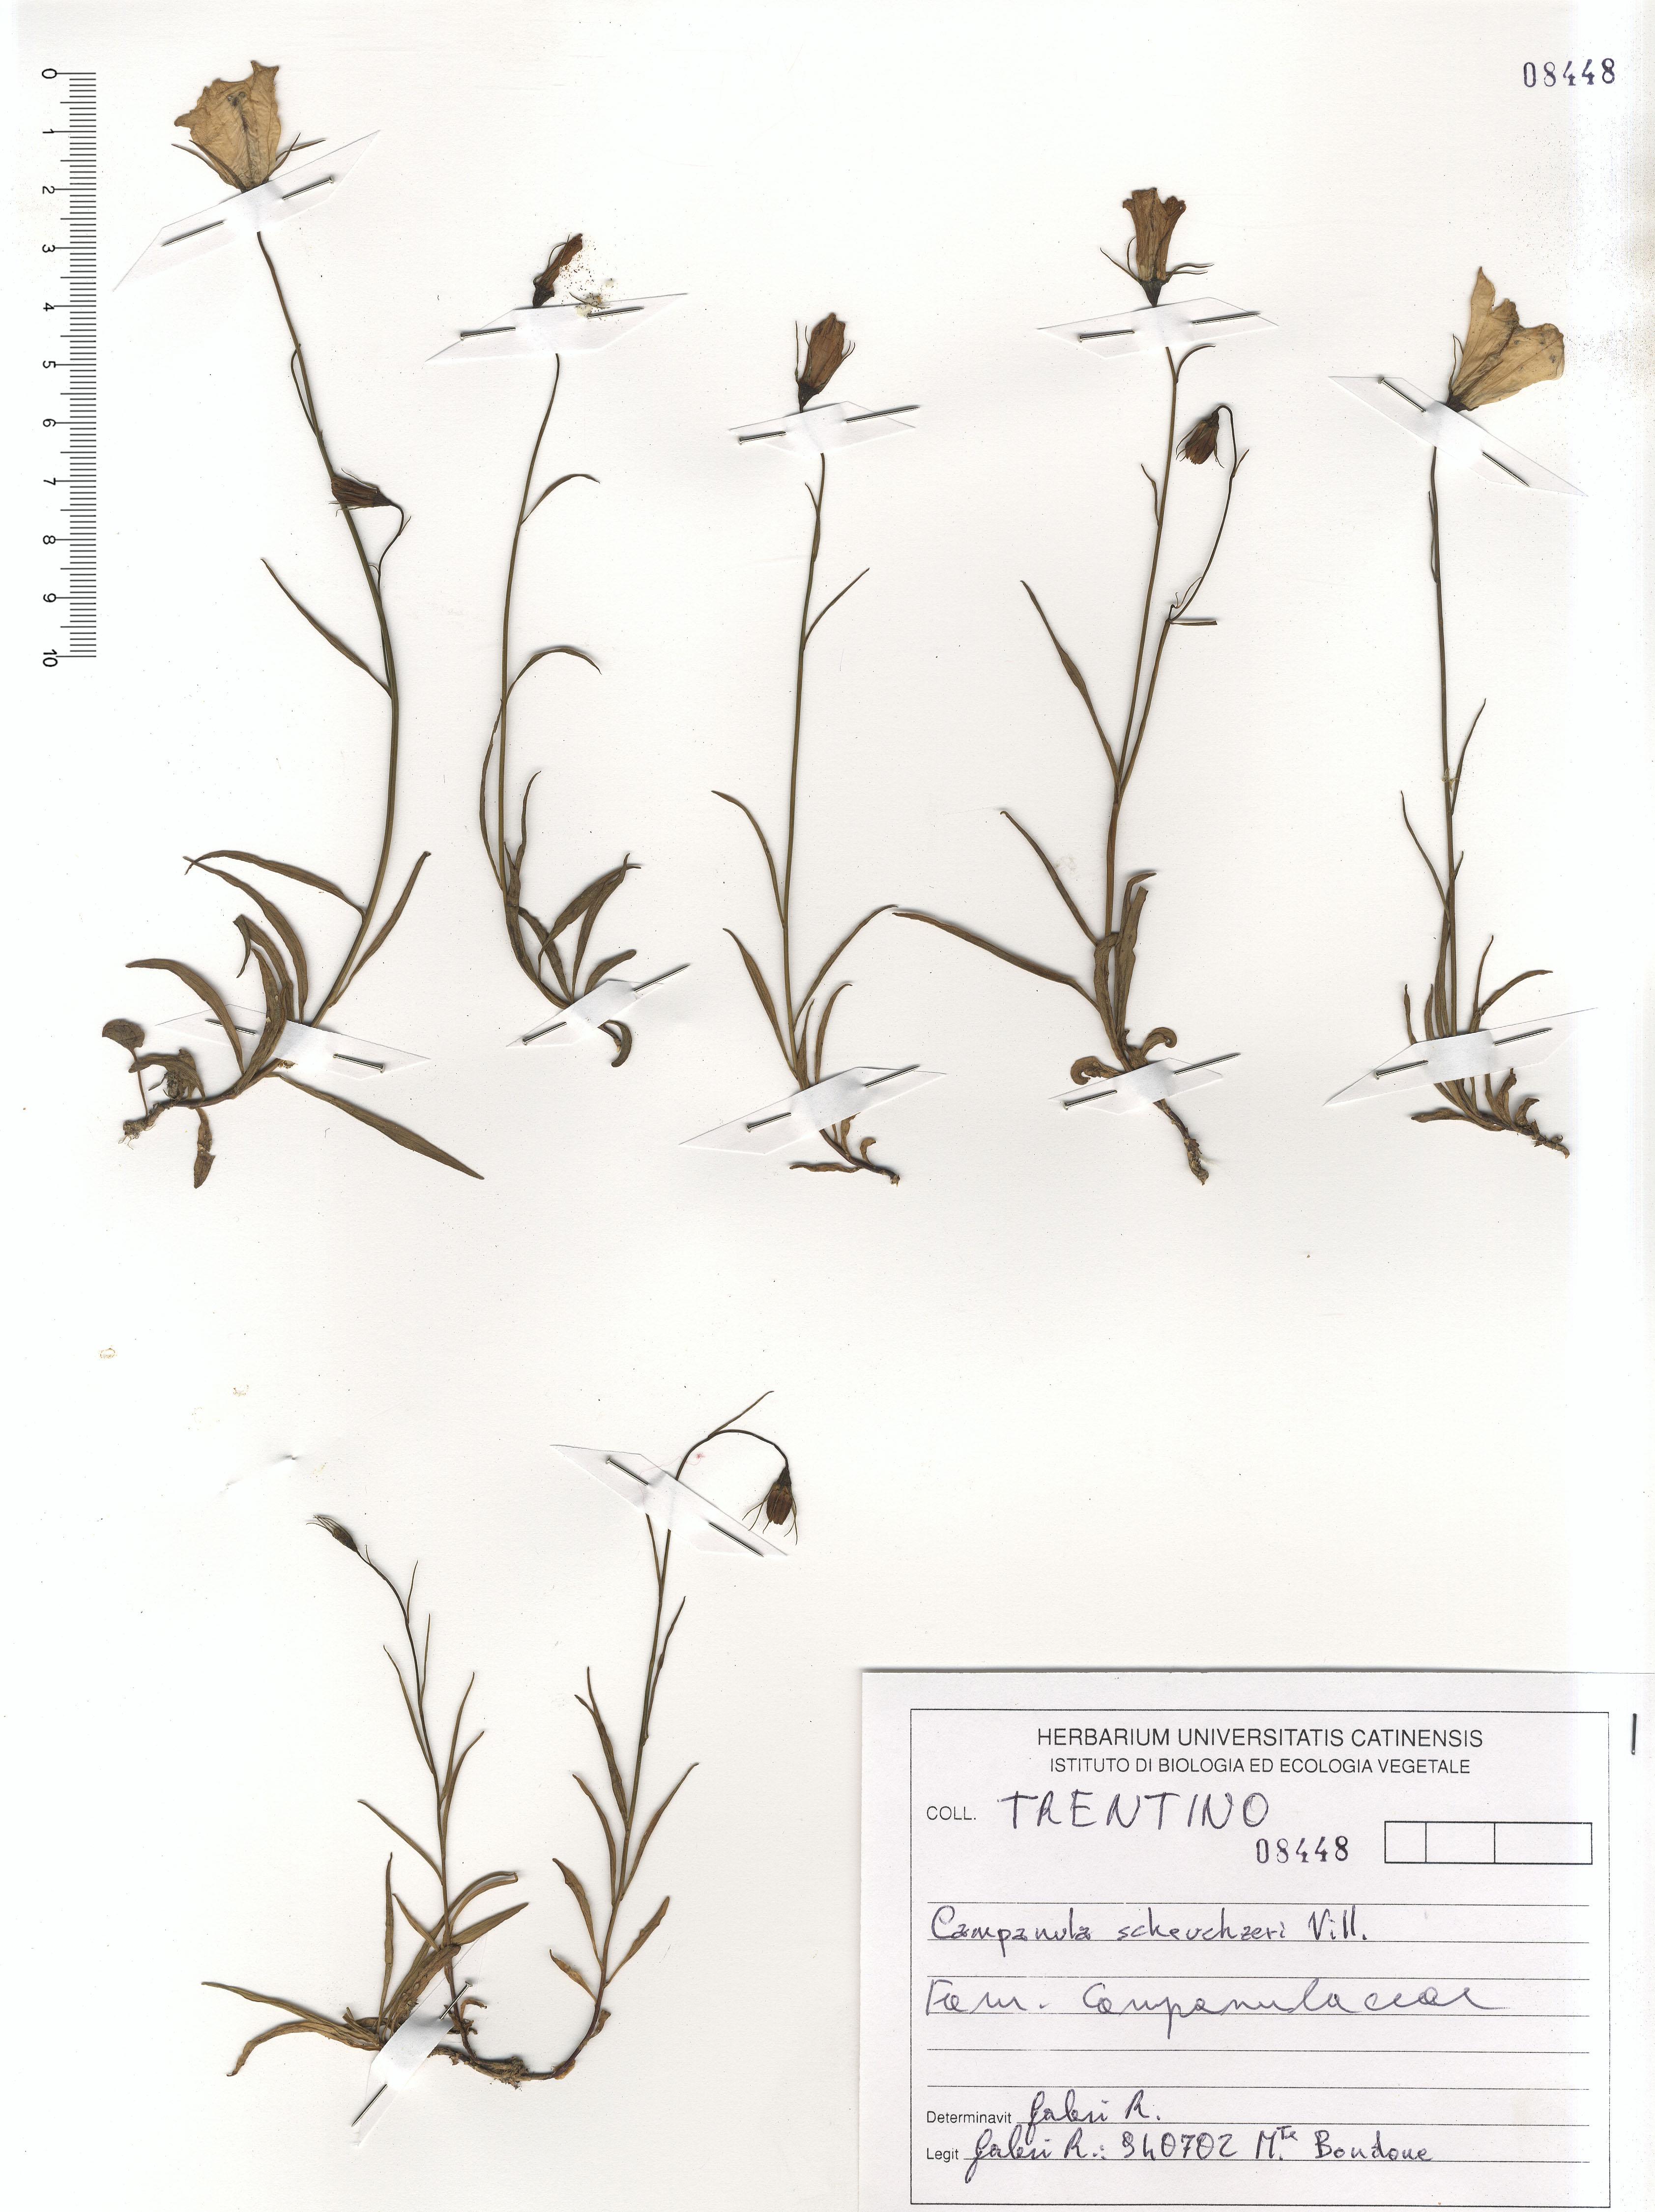 © Hortus Botanicus Catinensis - Herb. sheet 108448<br>